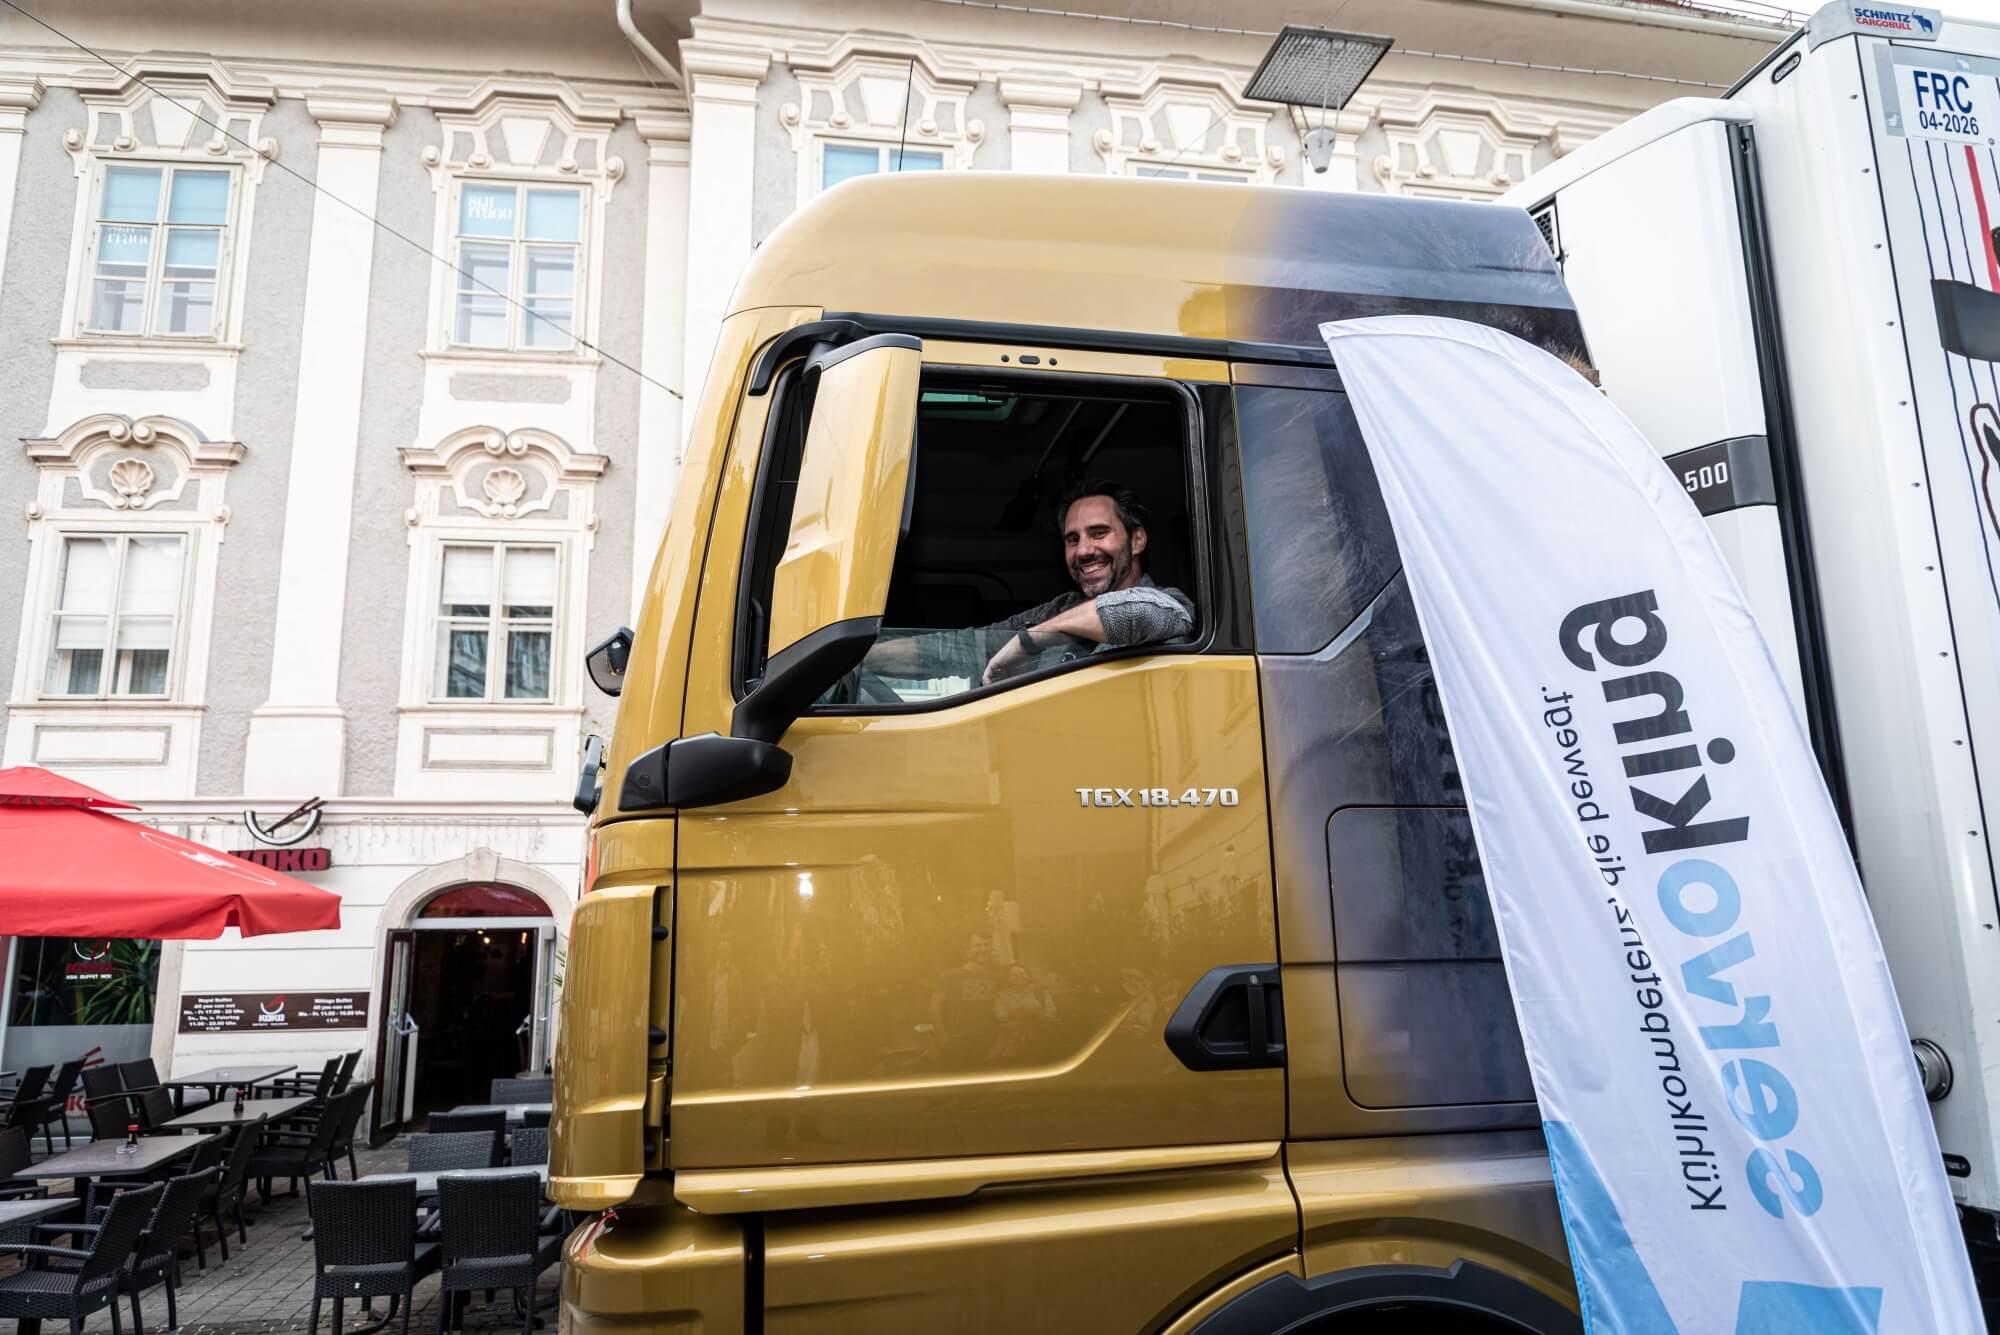 Kunstpreis Mit-Initiator Helmuth Stöber macht eine Sitzprobe im LKW. Im Hintergrund ist ein Gebäude der Grazer Innenstadt.